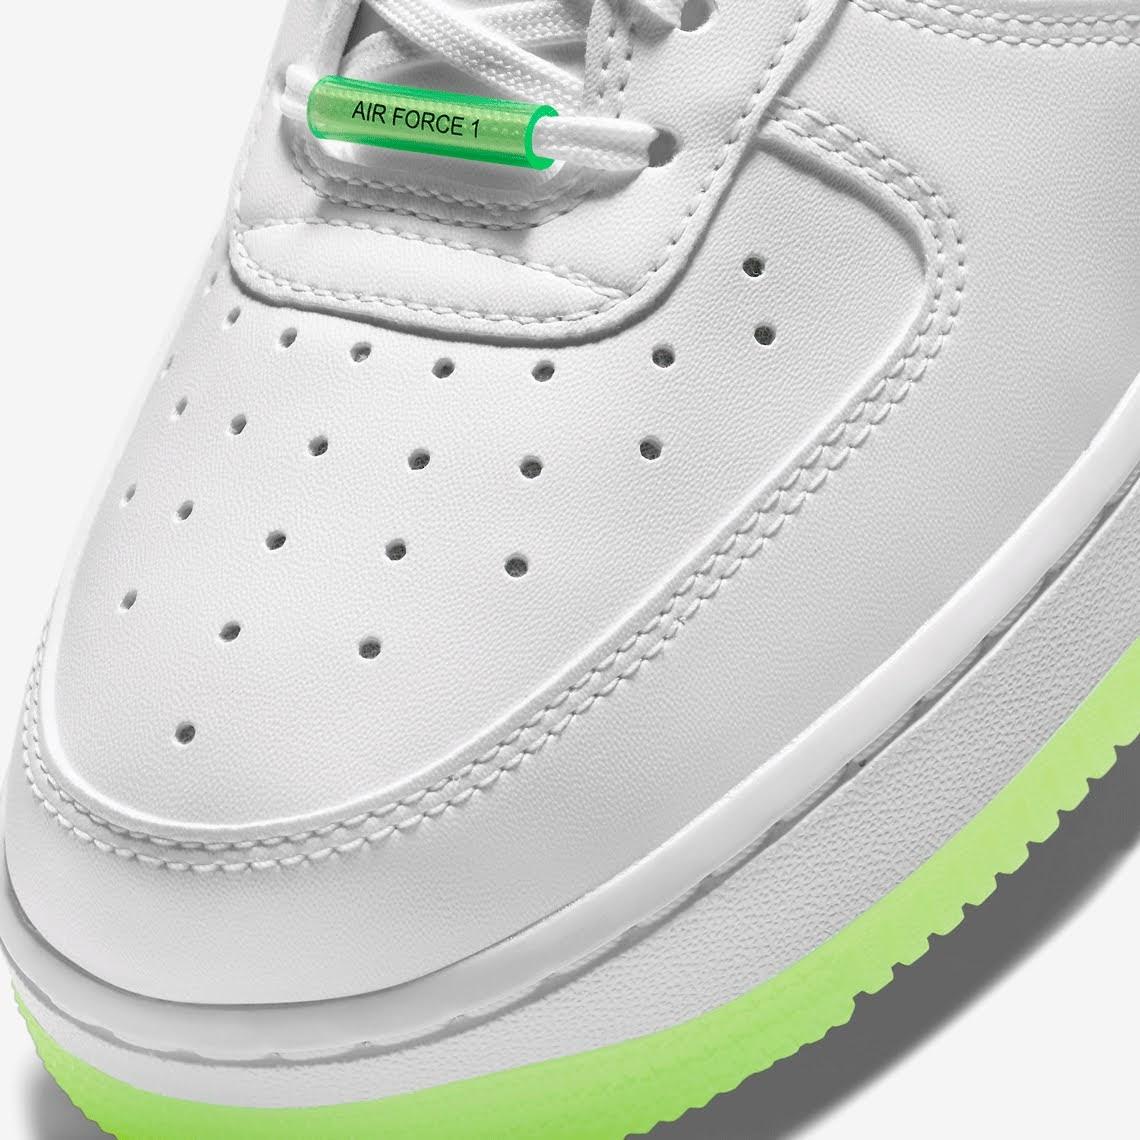 ナイキ エア フォース 1 ハブ ア ナイキ デー グロー イン ザ ダーク ホワイト Nike-Air-Force-1-Low-Have-A-Nike-Day-CT3228-100-CT3228-701 toe